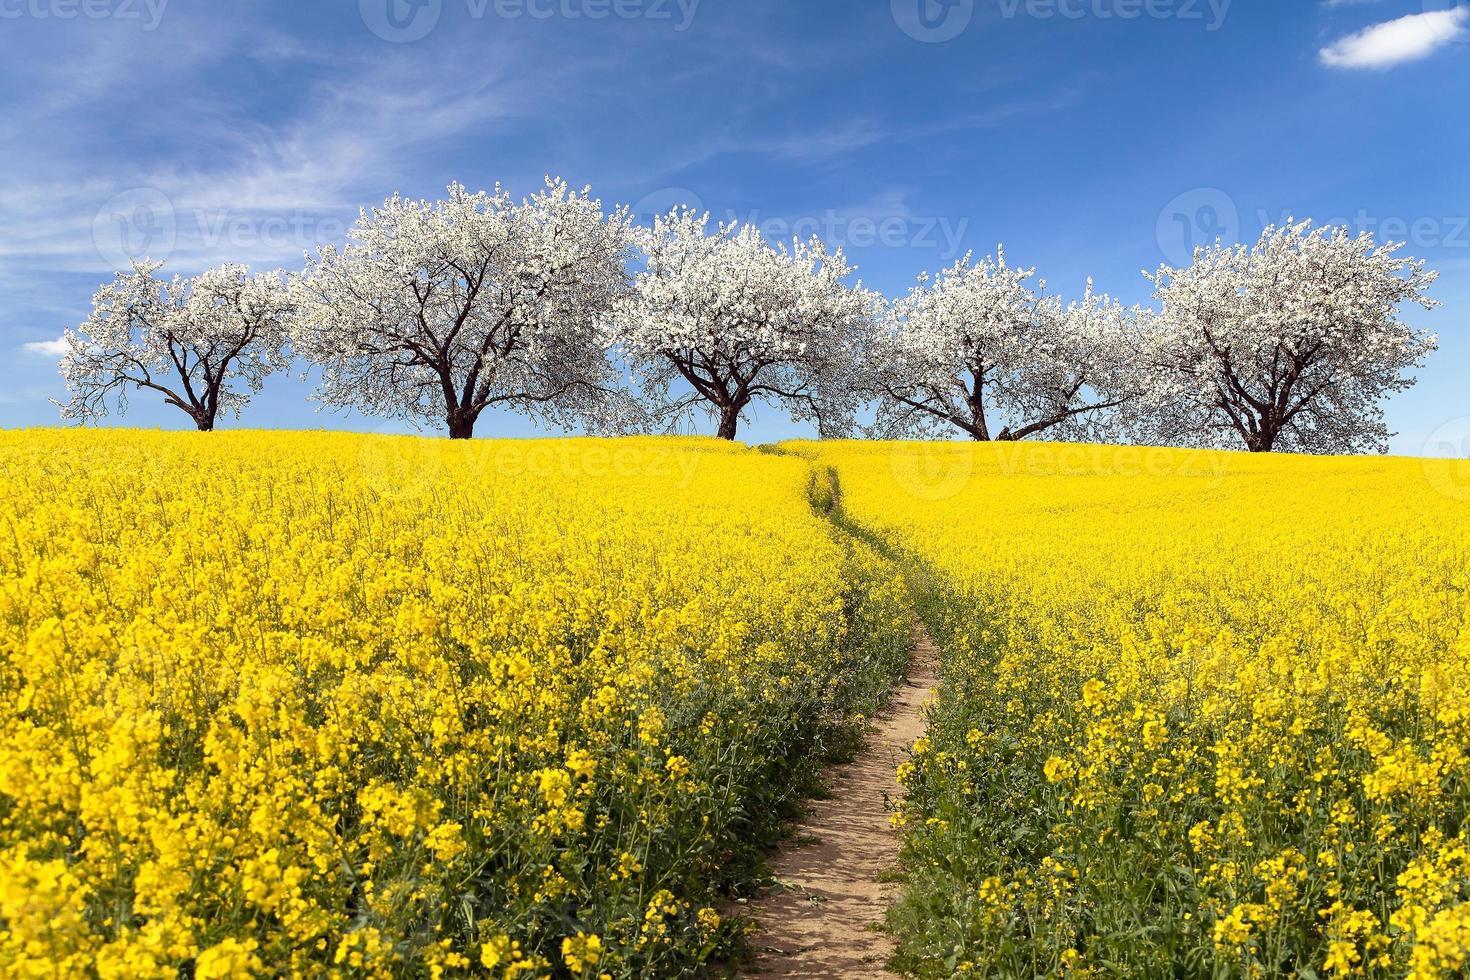 champ de colza avec parhway et allée de cerisiers en fleurs photo